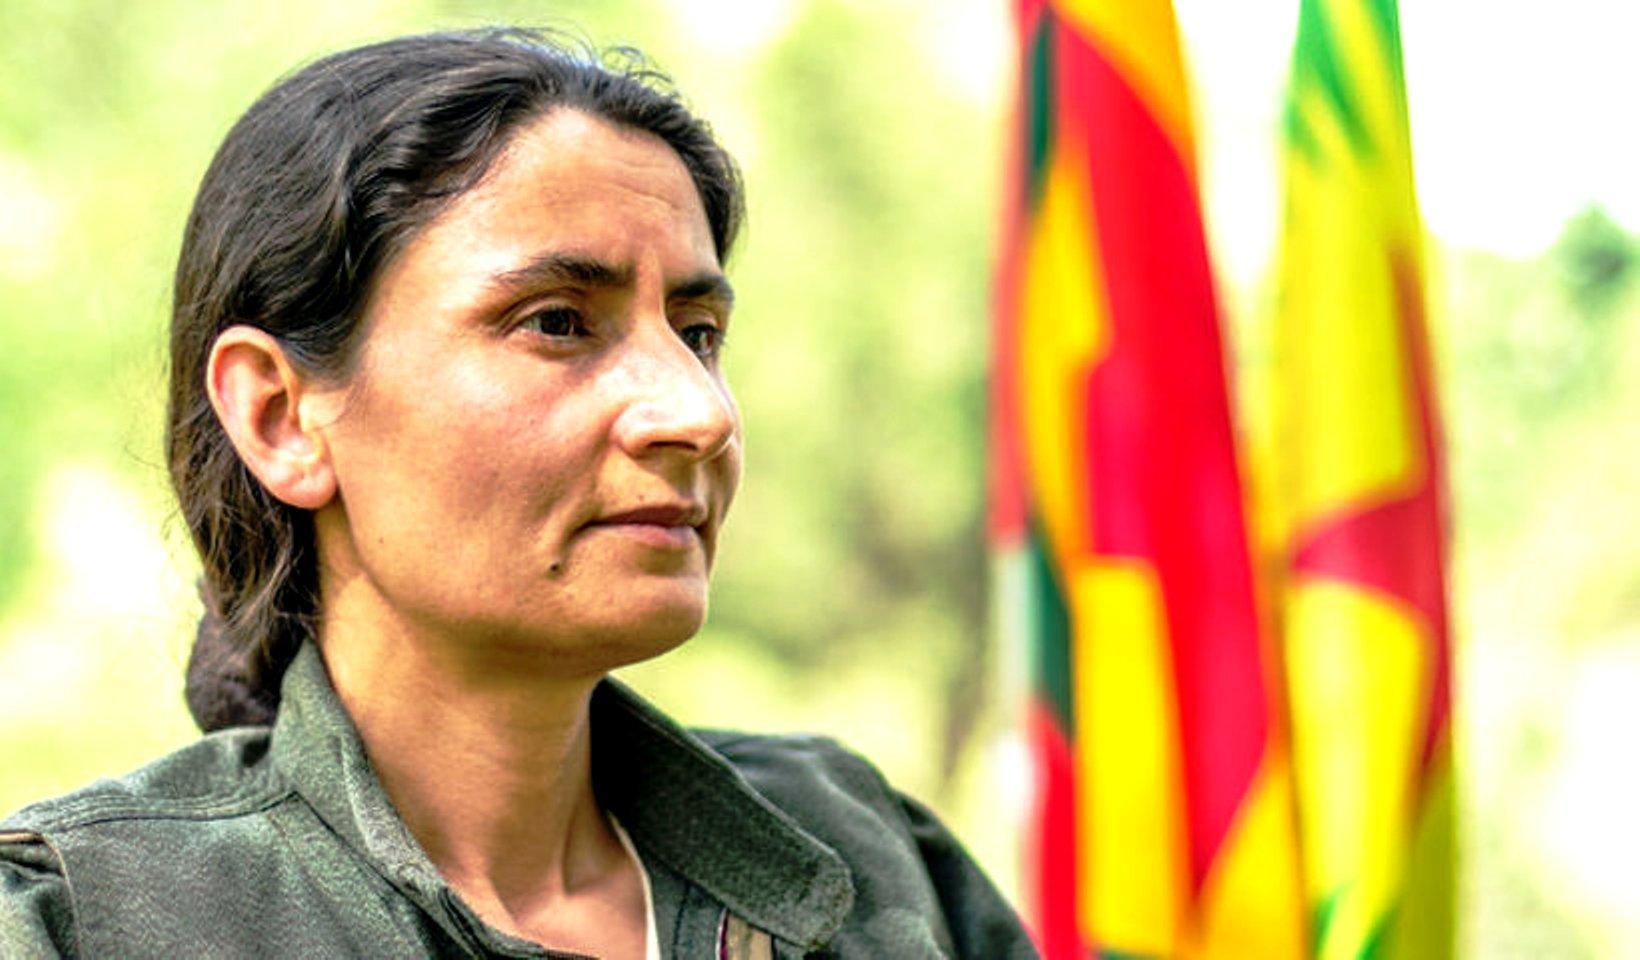 Κραυγή απόγνωσης της Συμπρόεδρού του KCK: Το PDK θέτει σε κίνδυνο την αυτονομία του Νότιου Κουρδιστάν